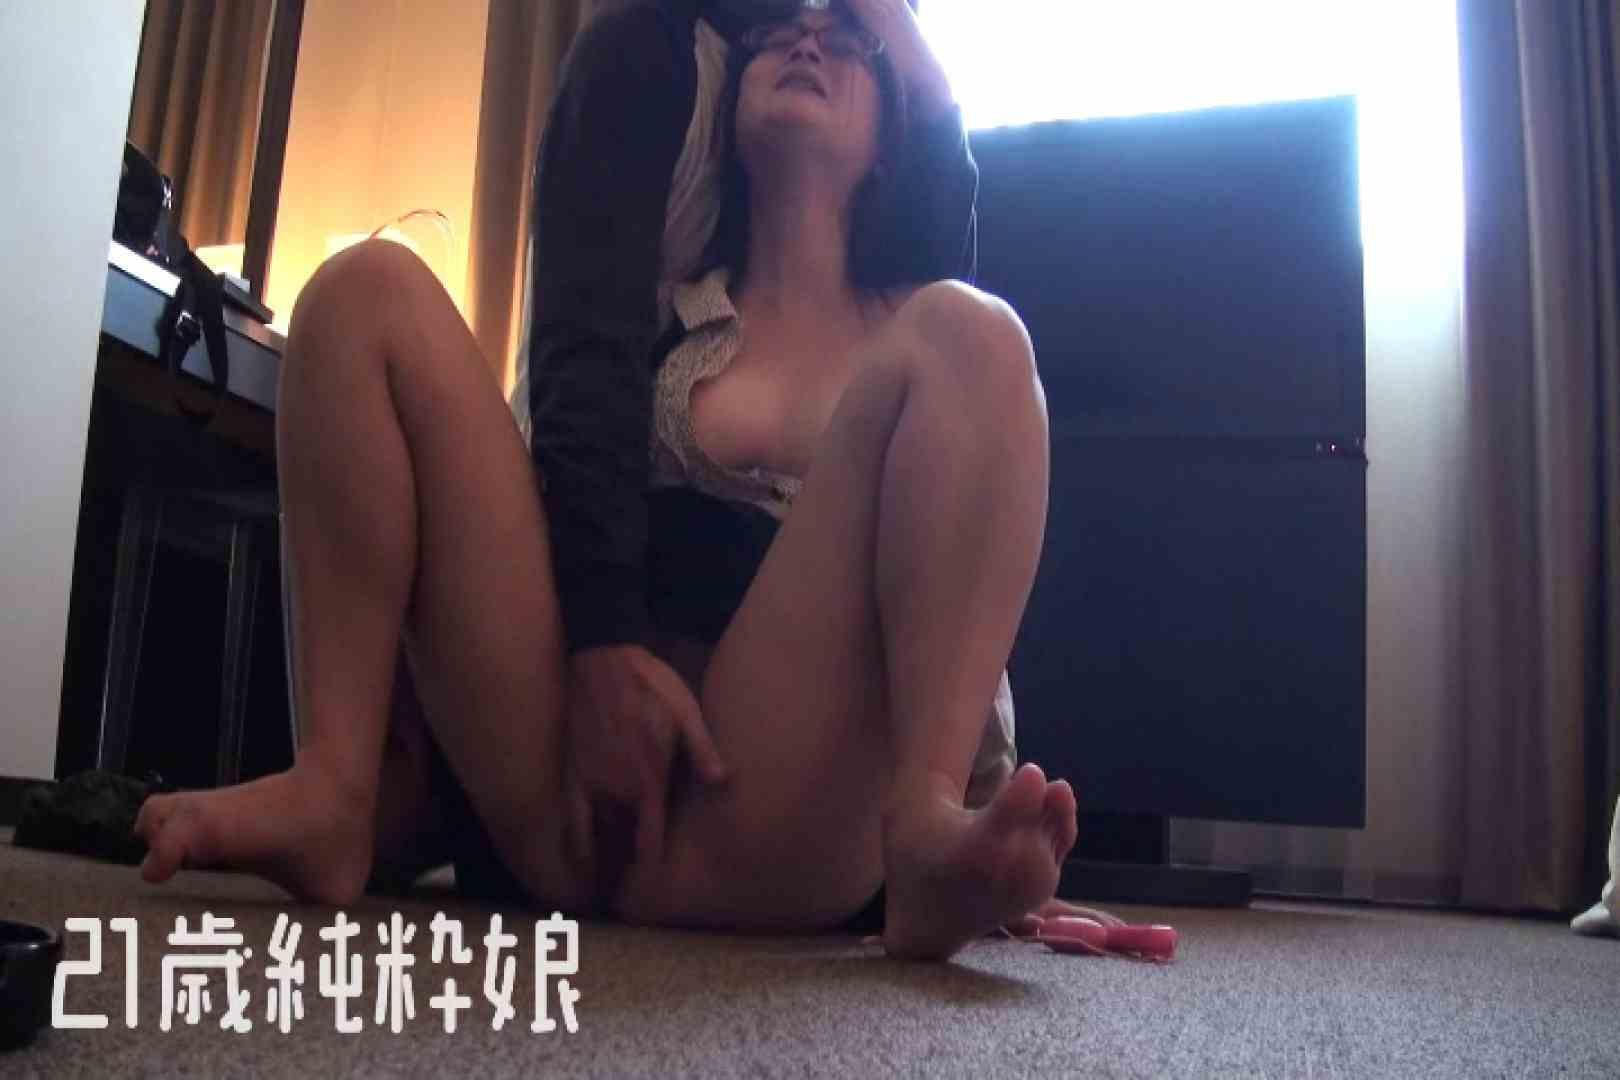 Gカップ21歳純粋嬢第2弾Vol.3 一般投稿  38連発 15